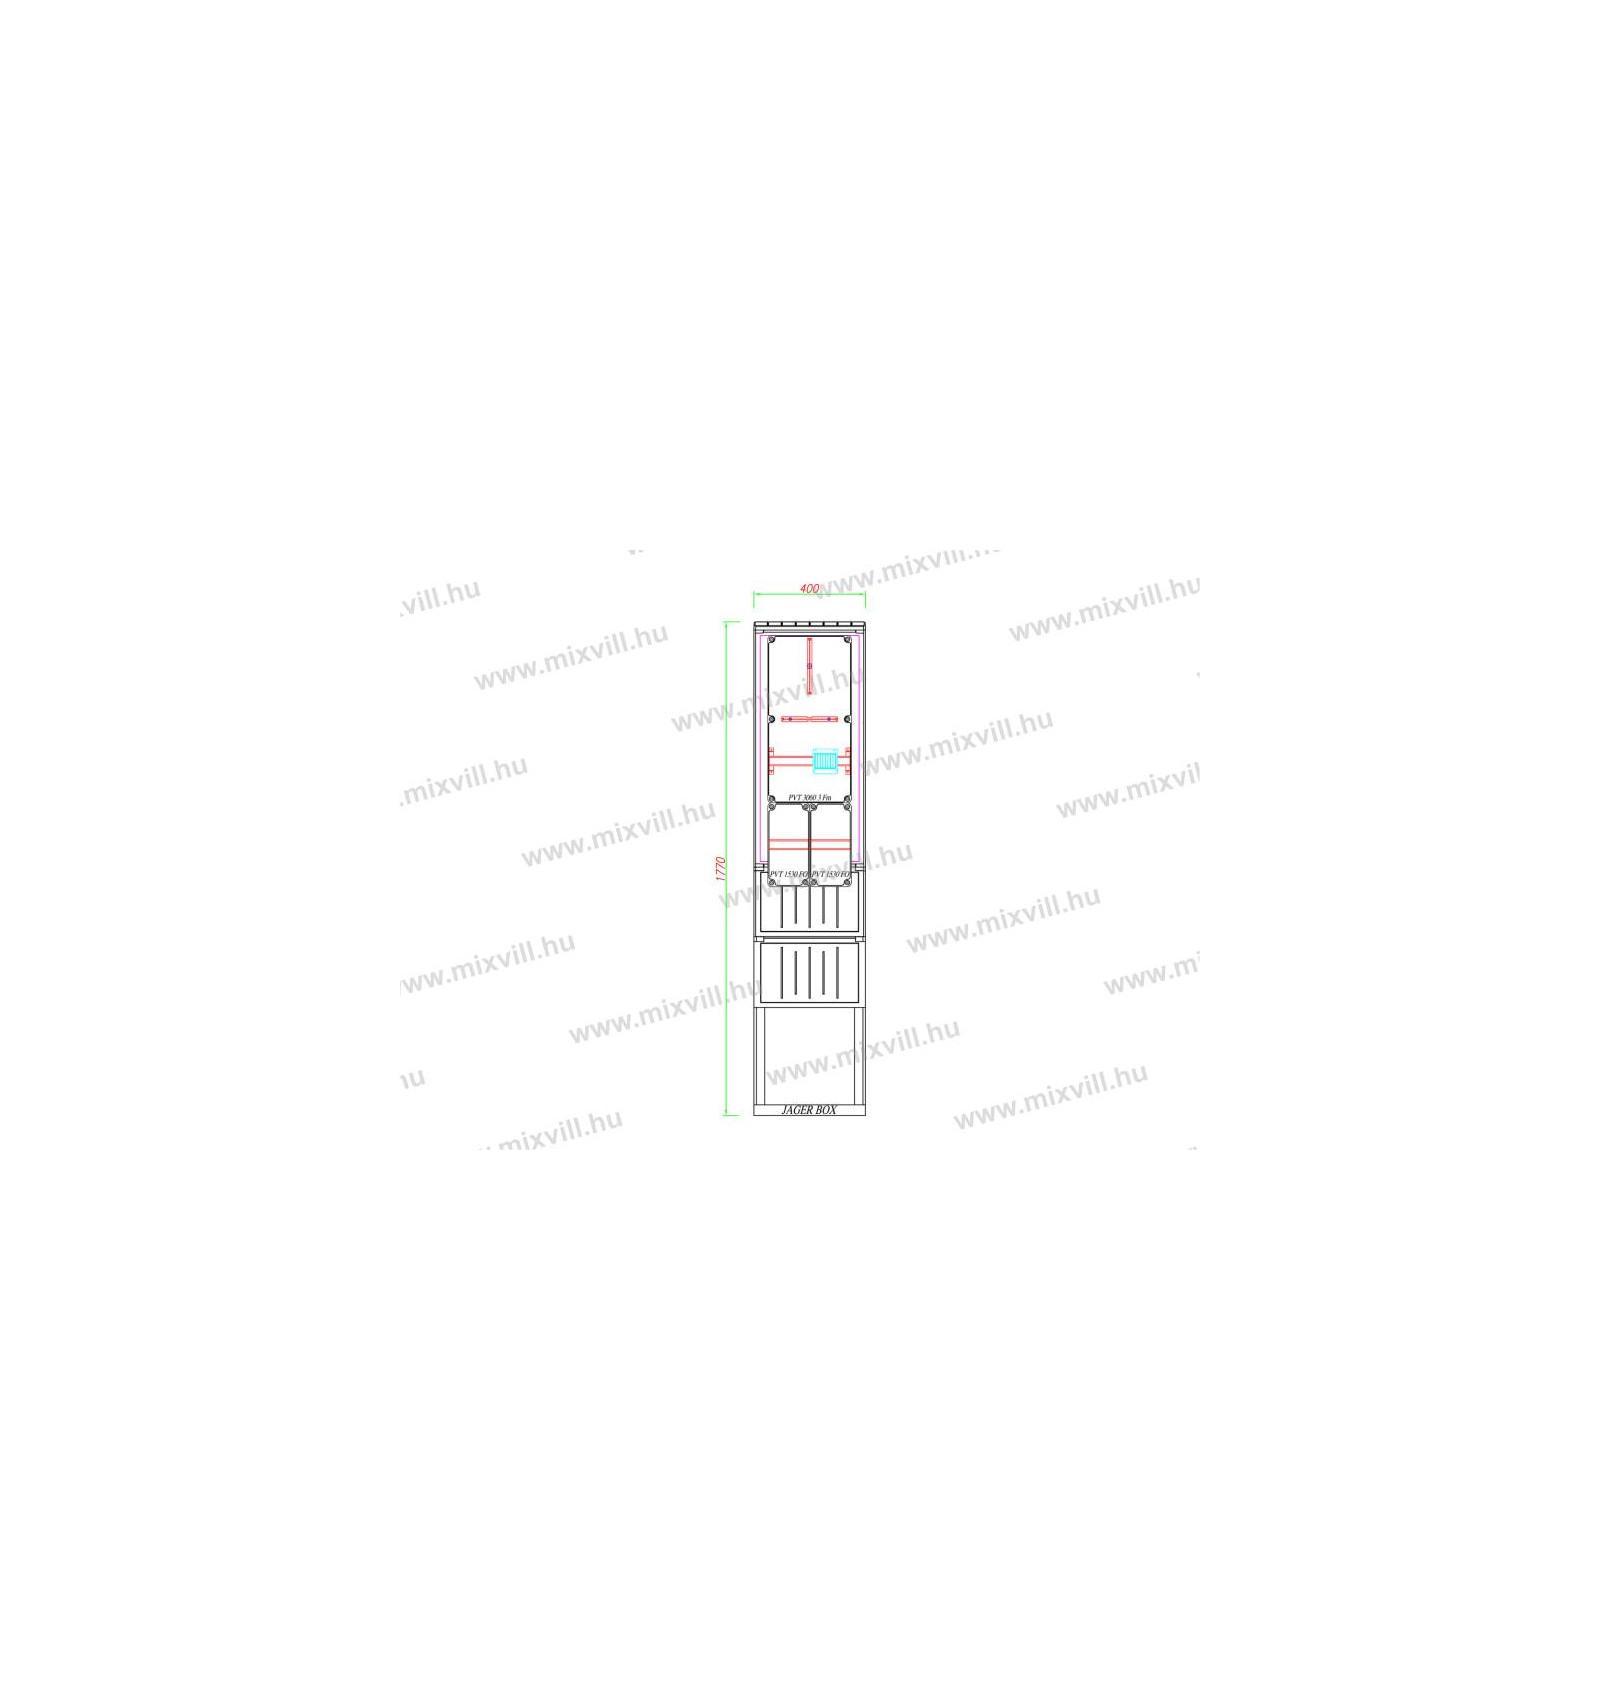 Csatari-PVT-K-L3-FM-foldbe-ashato-jager-meroora-szekreny-merohely